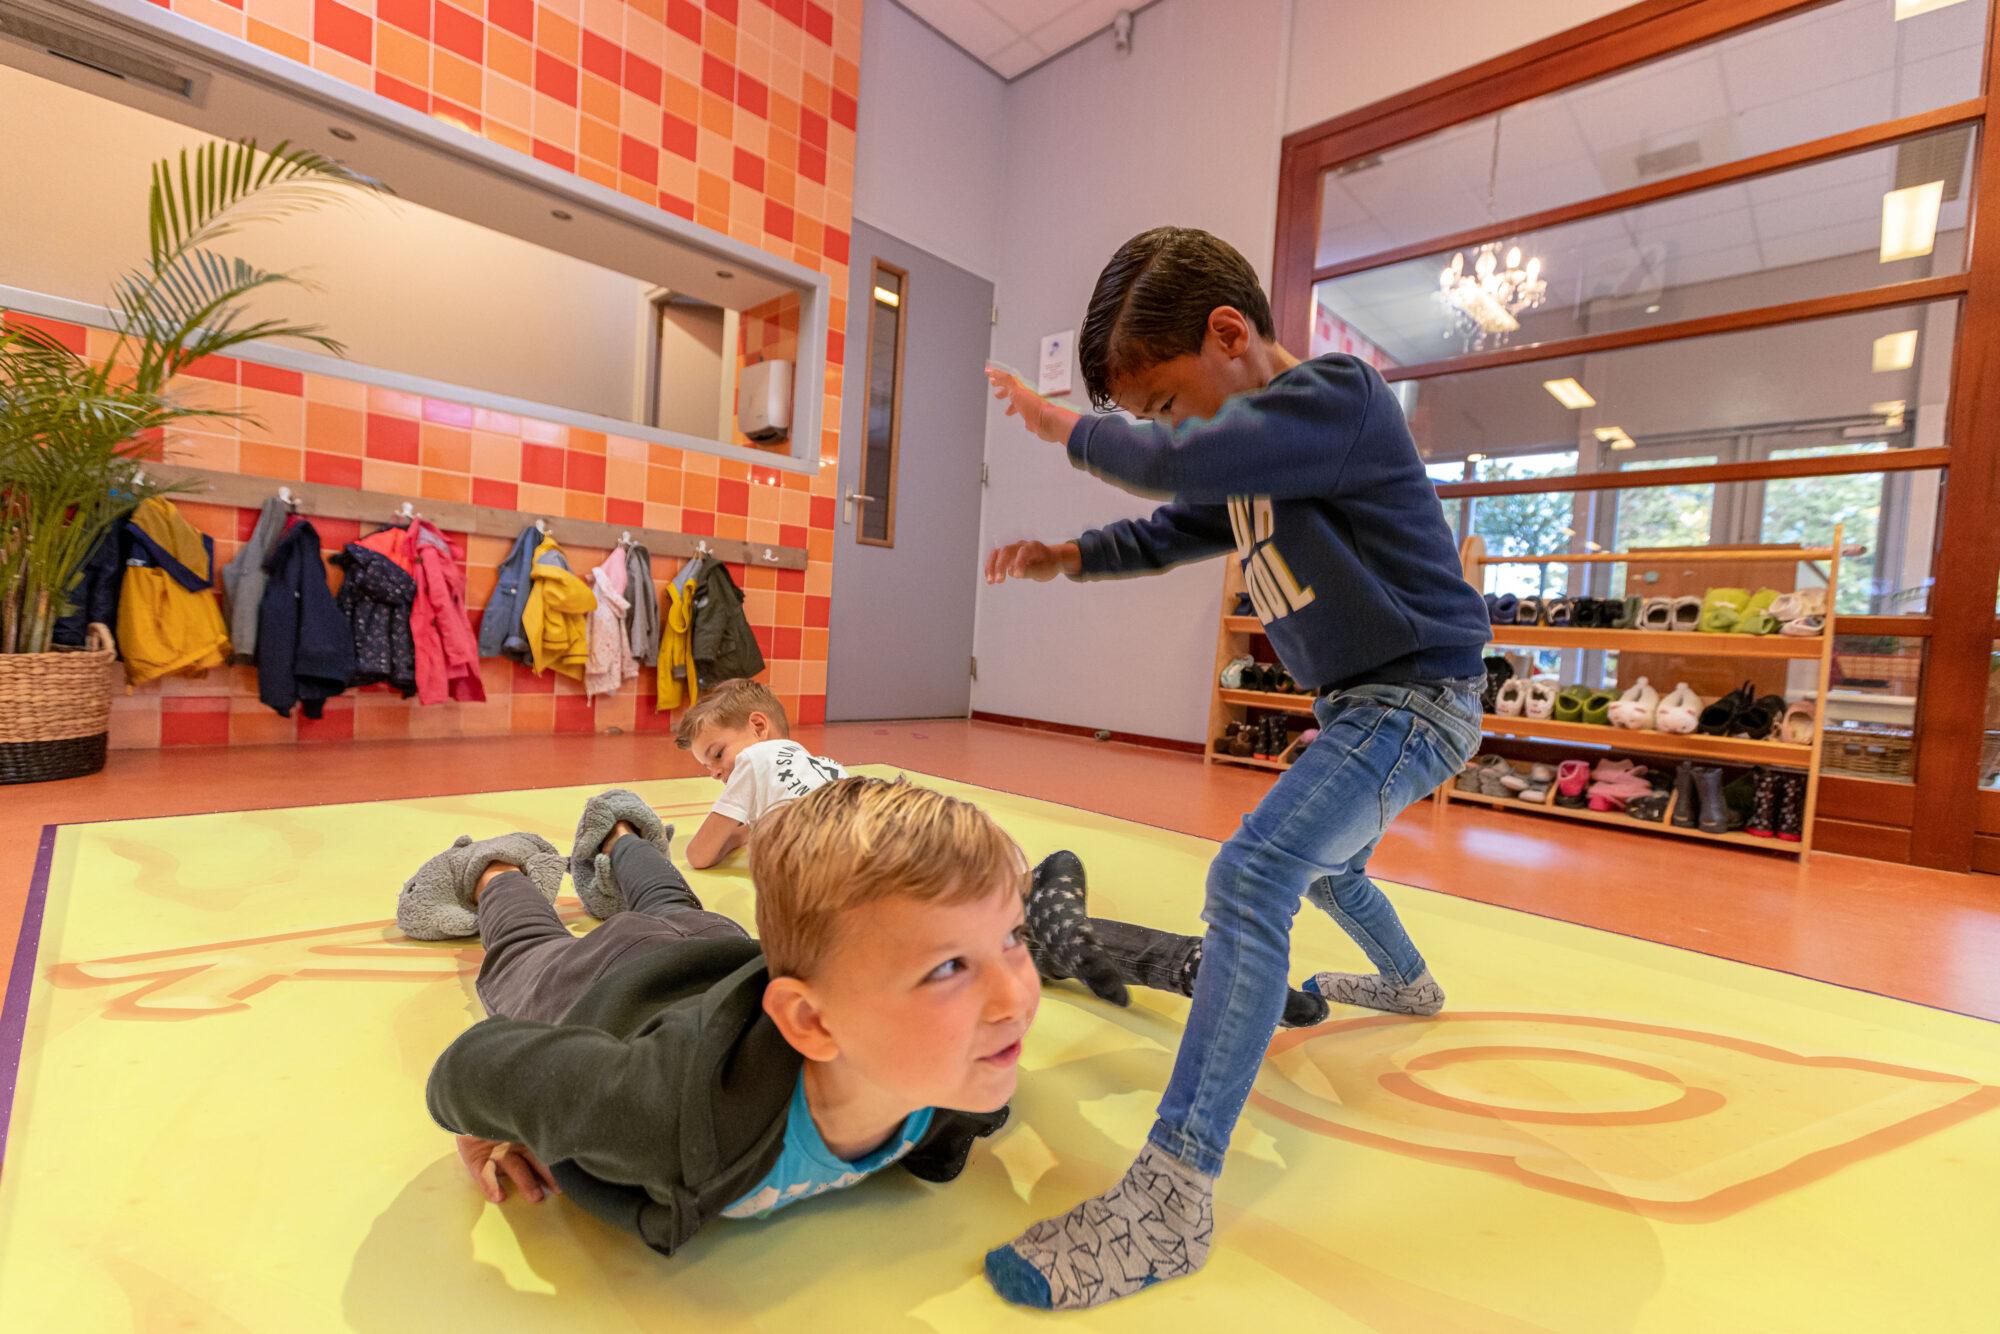 Beweegvloer moet basisschoolleerlingen in Apeldoorn bewegend aan het leren krijgen